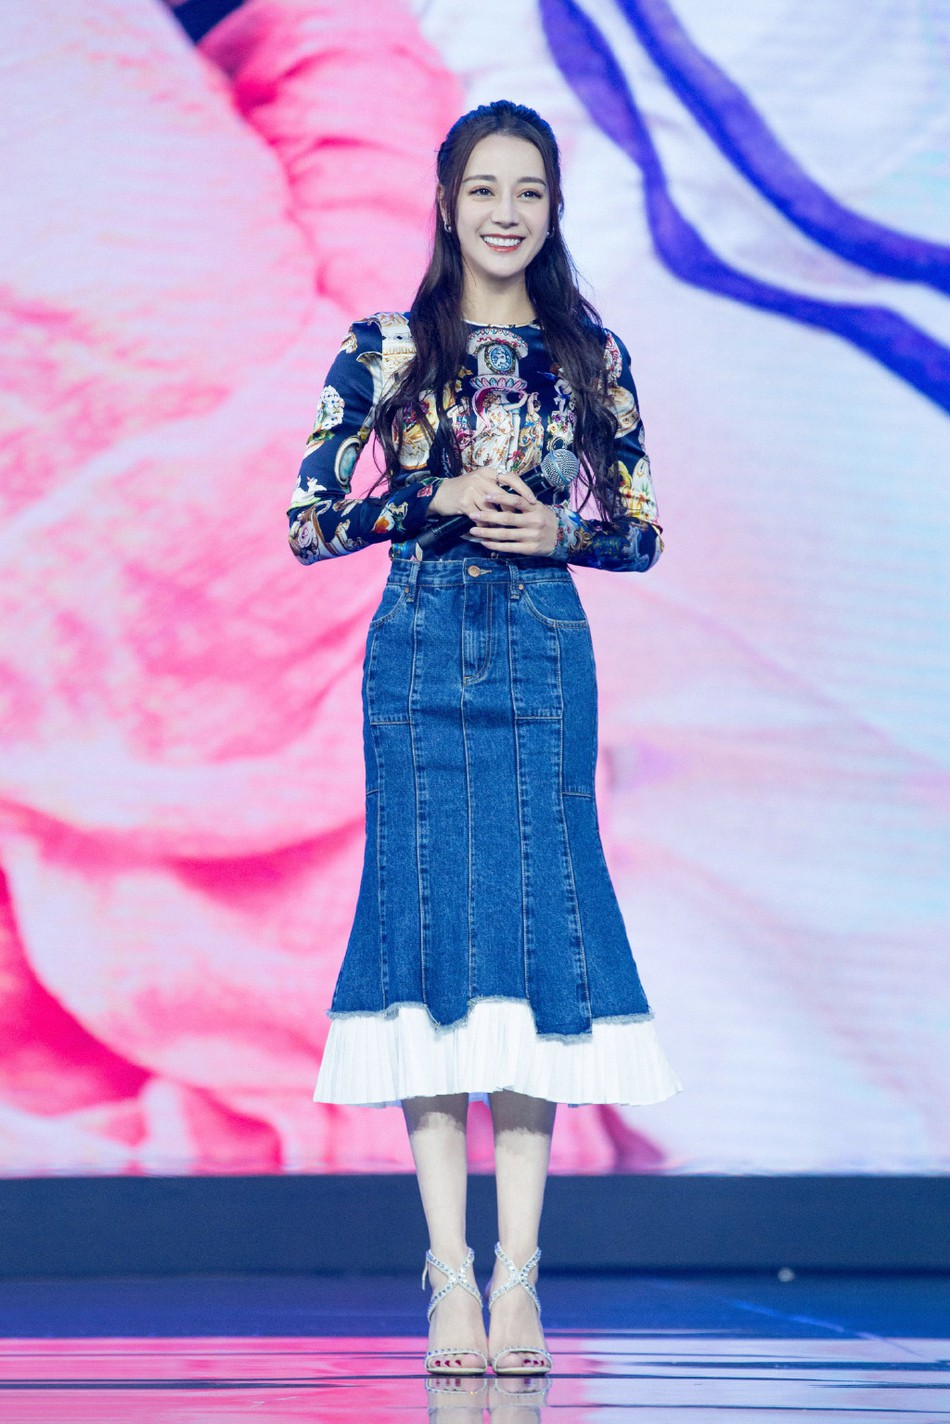 Hâu nghi vấn mua giải Thị hậu, Địch Lệ Nhiệt Ba khoe góc nghiêng thần thánh cùng sắc vóc đỉnh cao tại sự kiện - Ảnh 5.